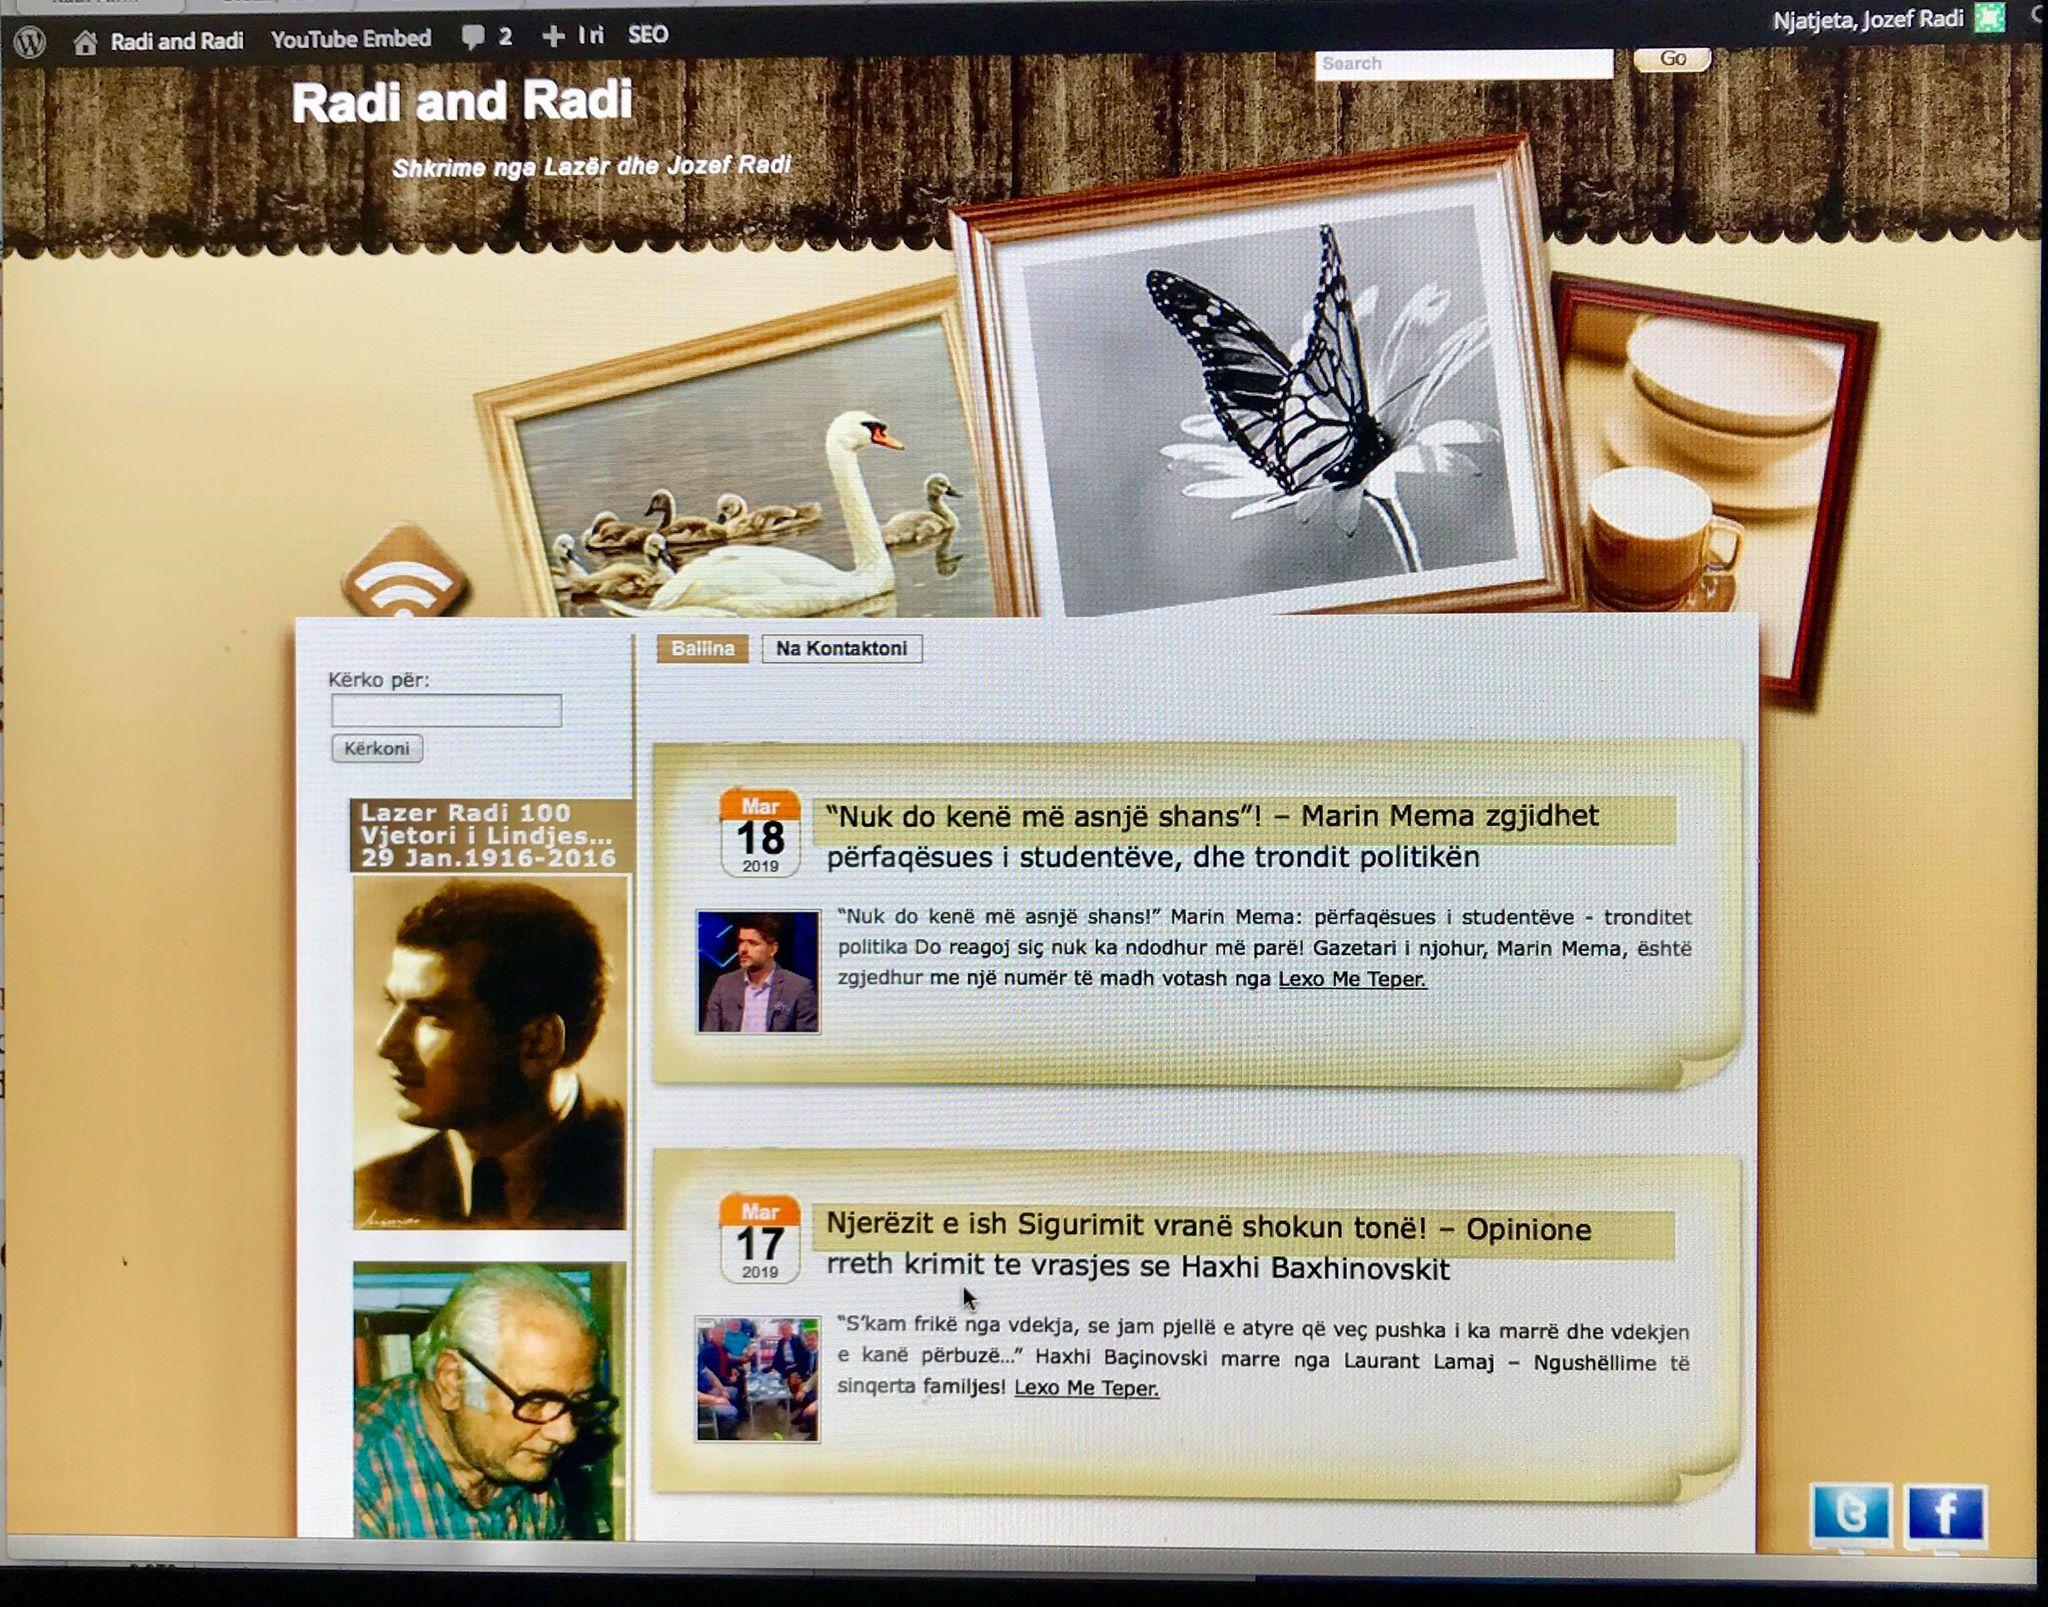 Portali www.radiandradi.com